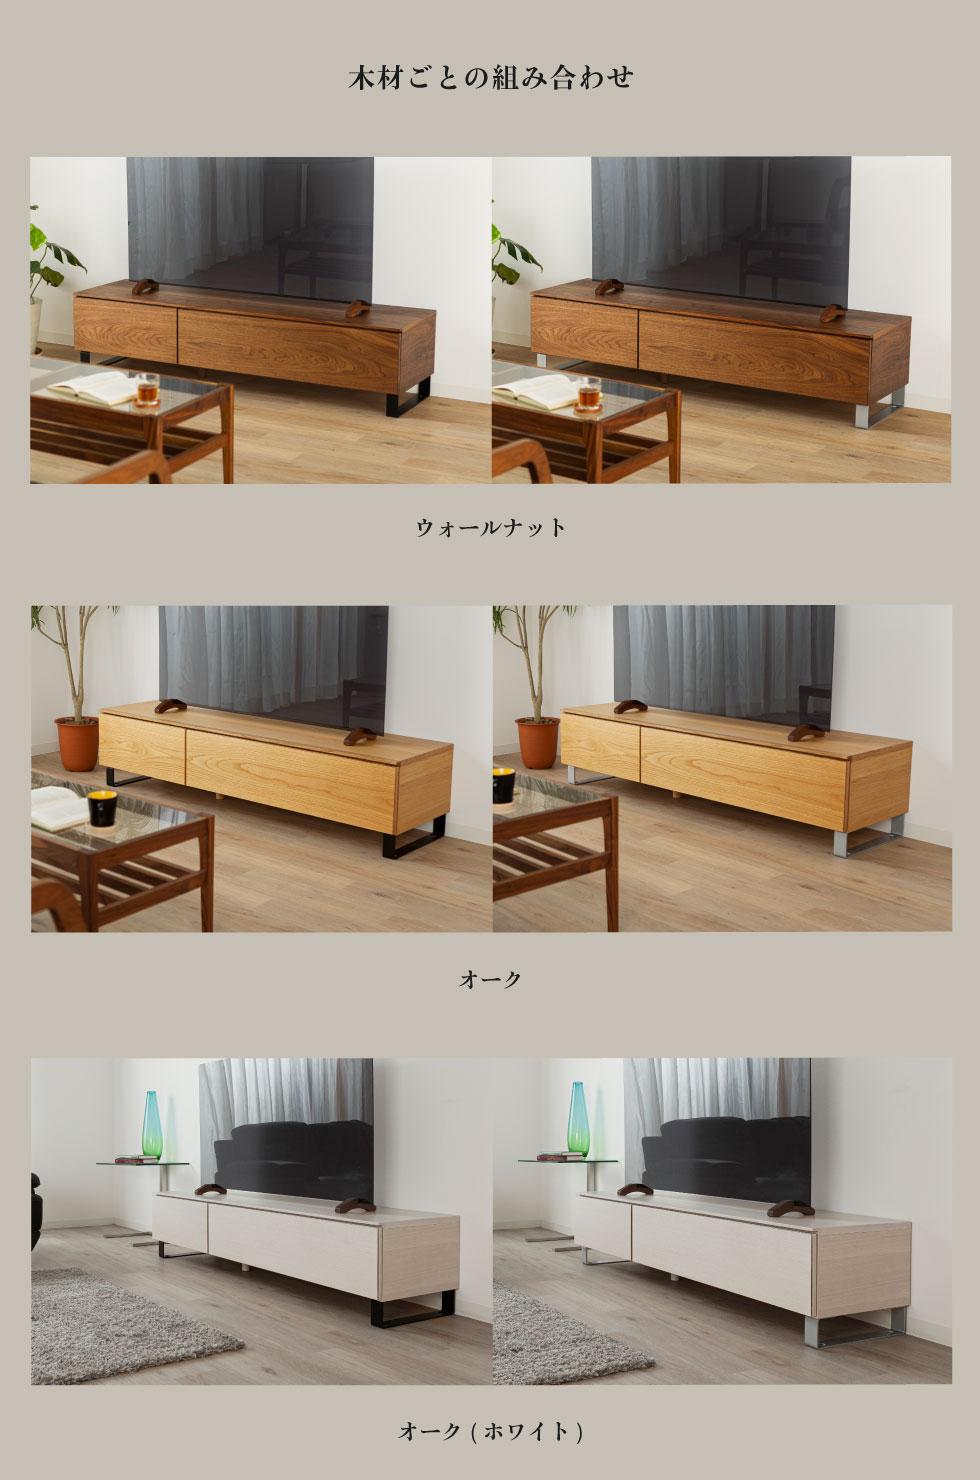 テレビボード 脚タイプ